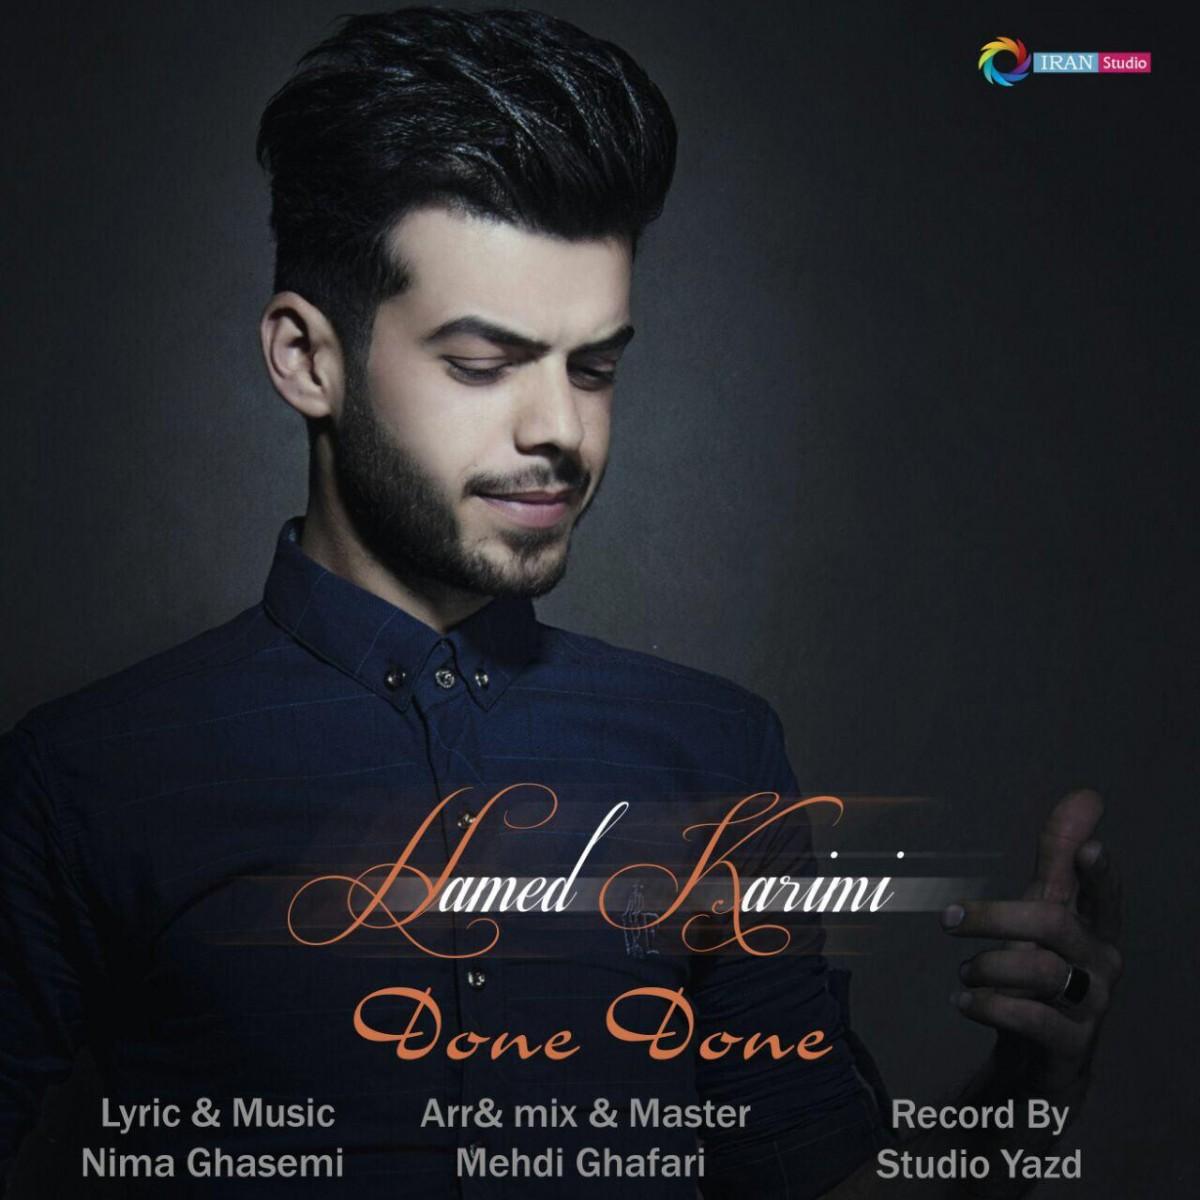 نامبر وان موزیک   دانلود آهنگ جدید Hamed-Karimi-Done-Done